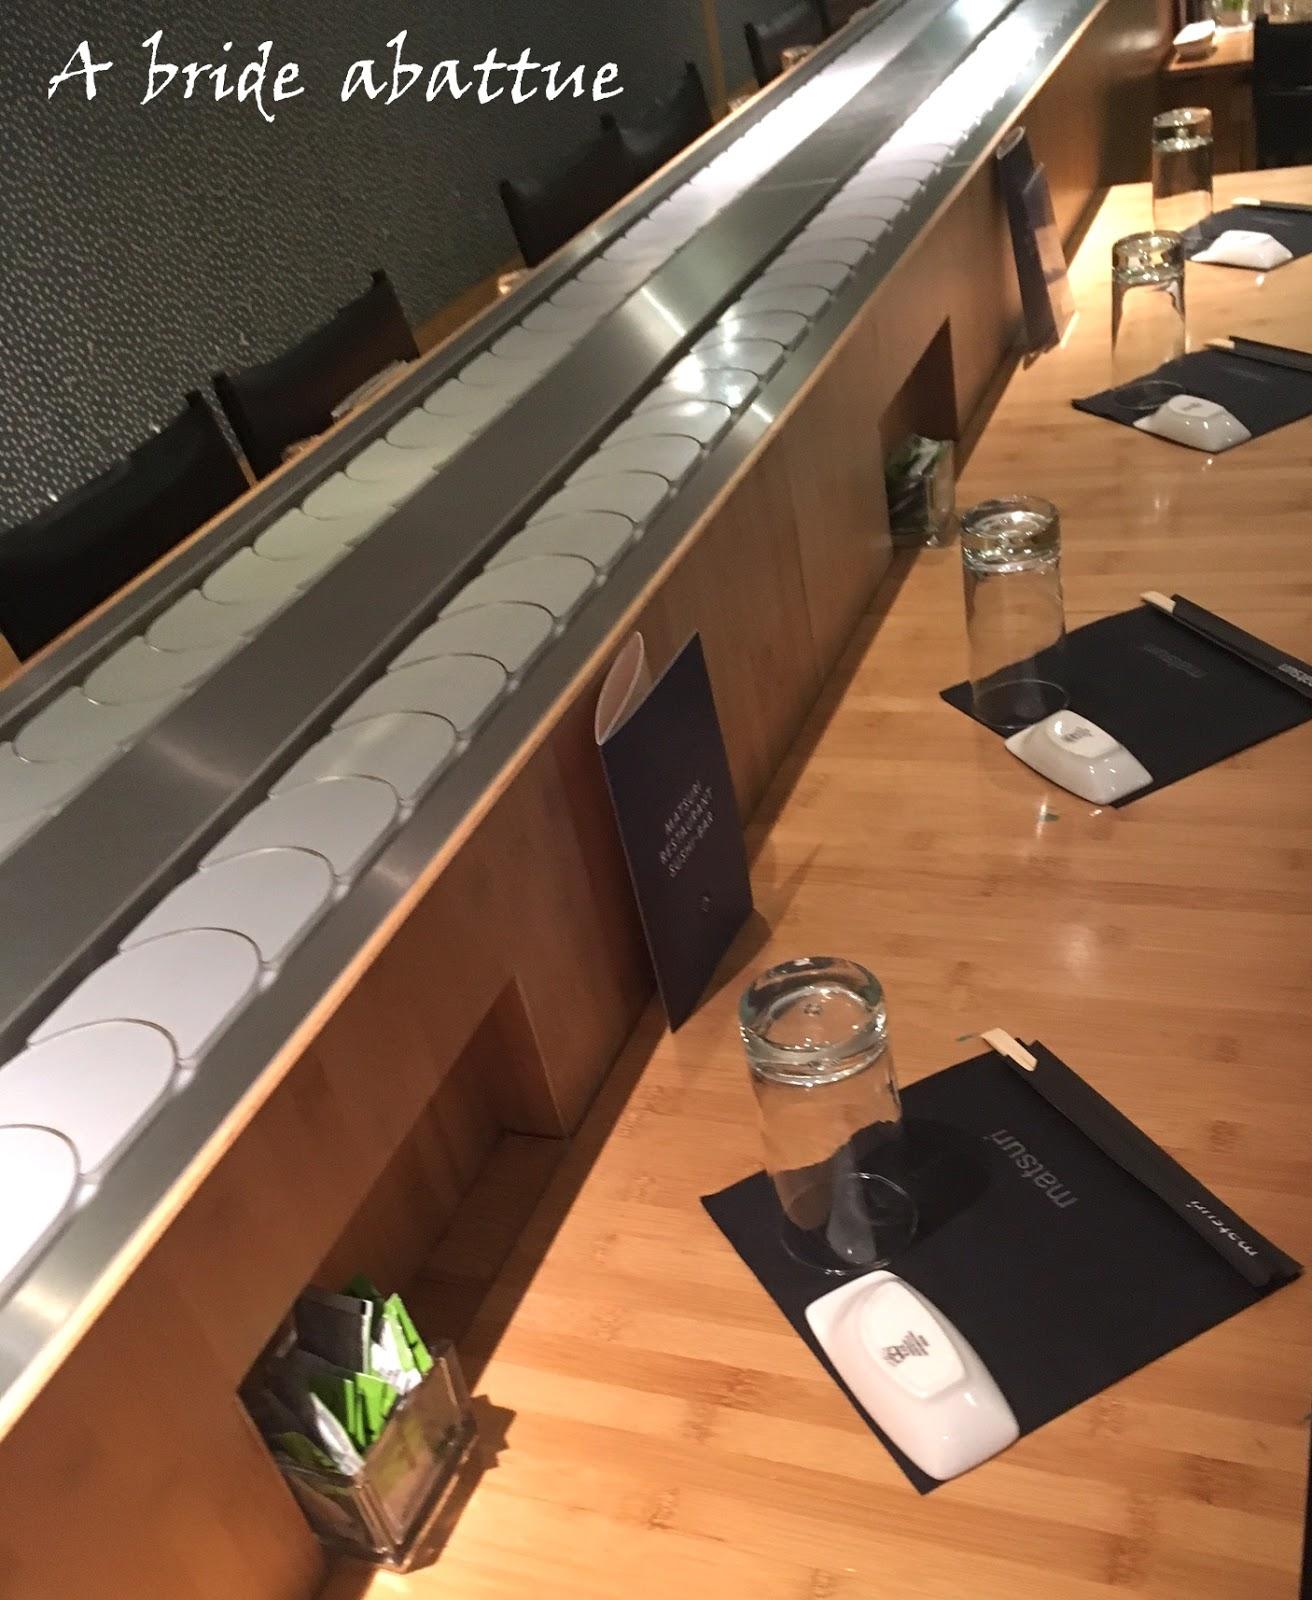 a bride abattue si on aime manger japonais on court chez matsuri. Black Bedroom Furniture Sets. Home Design Ideas